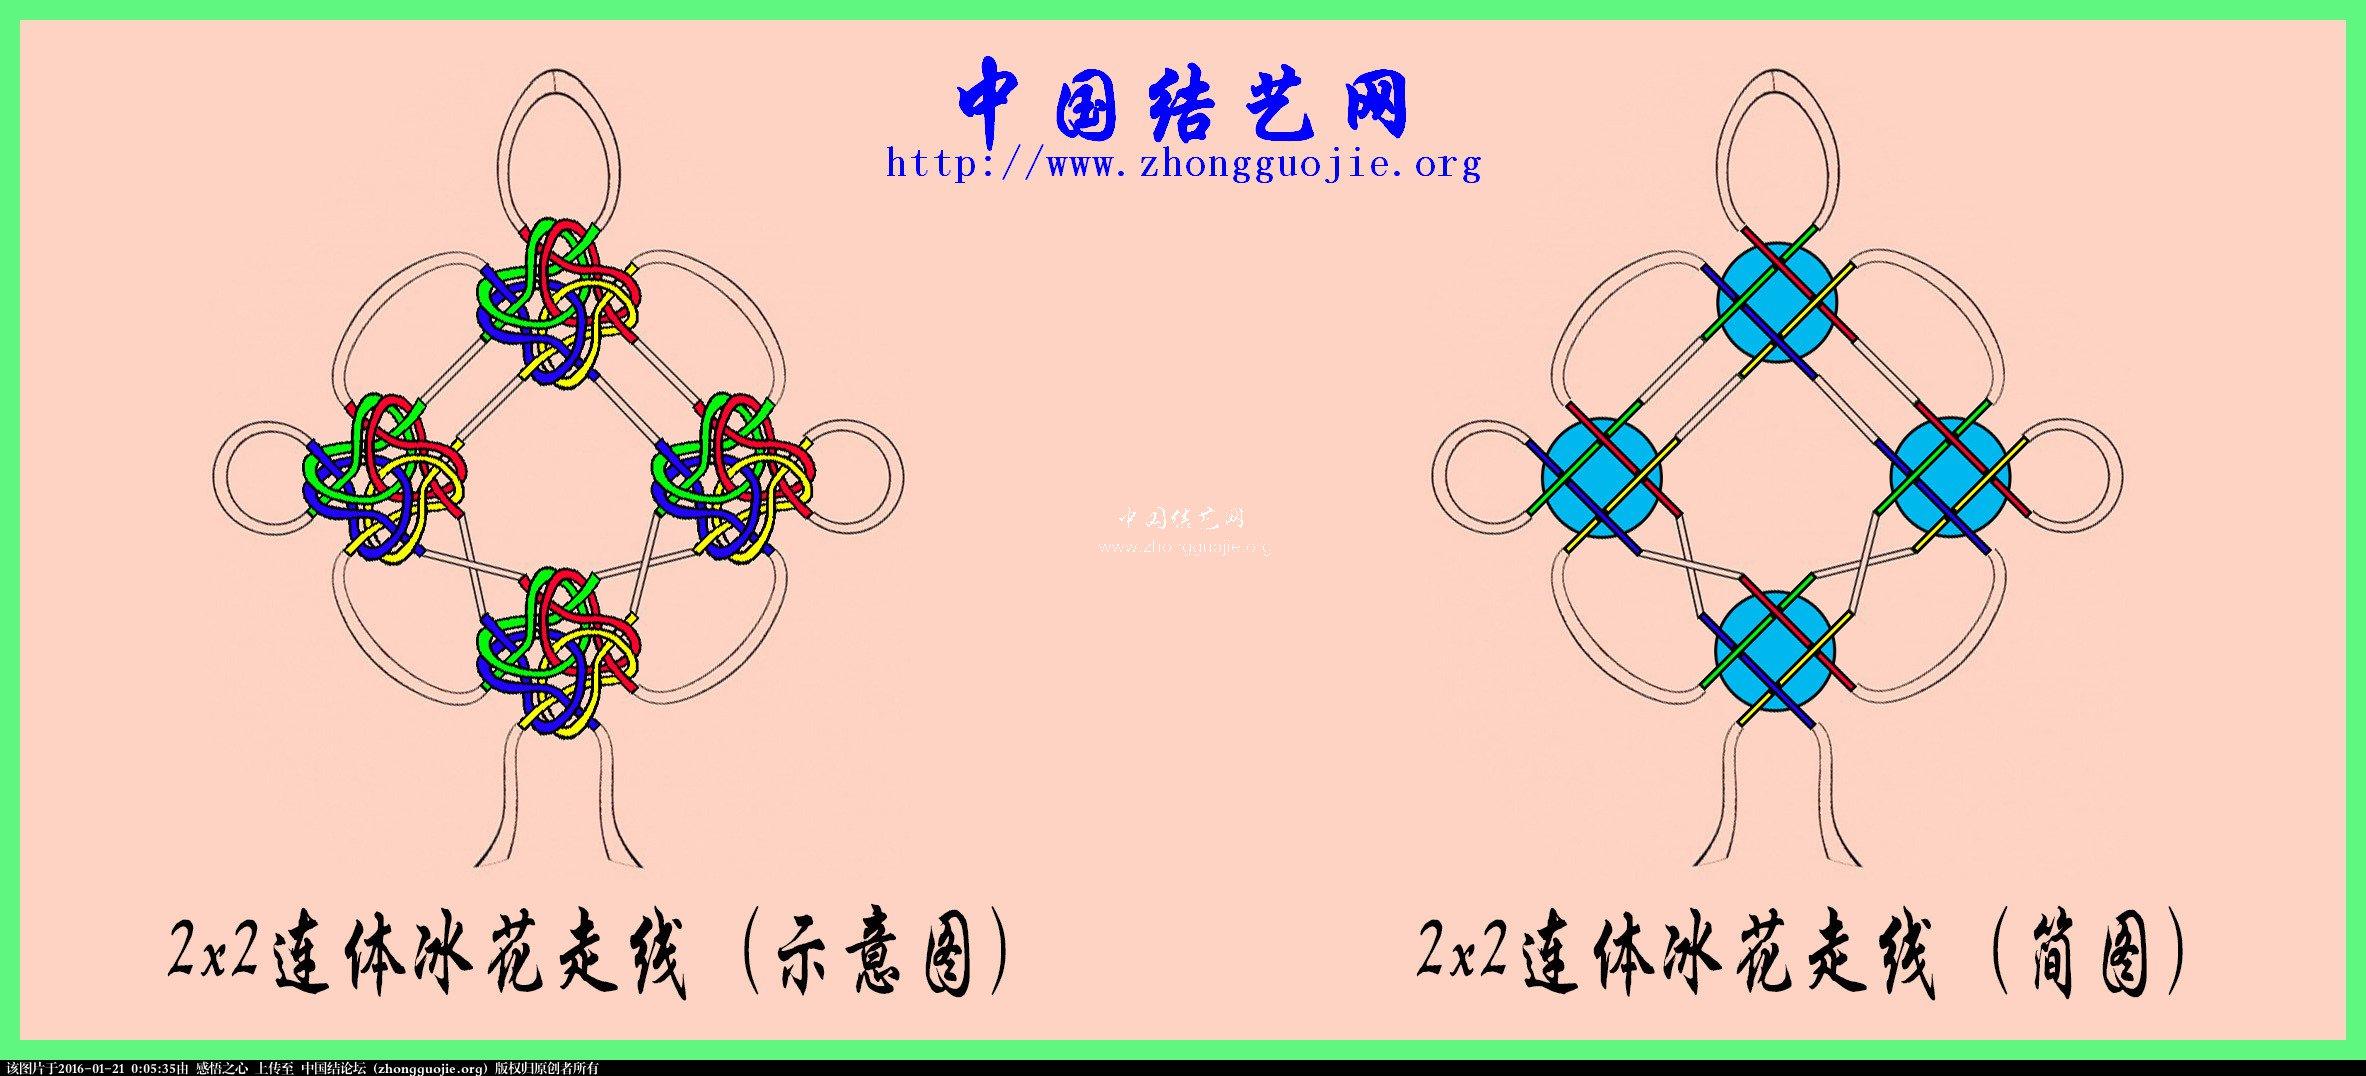 中国结论坛   冰花结(华瑶结)的教程与讨论区 000314gk024h4860486880